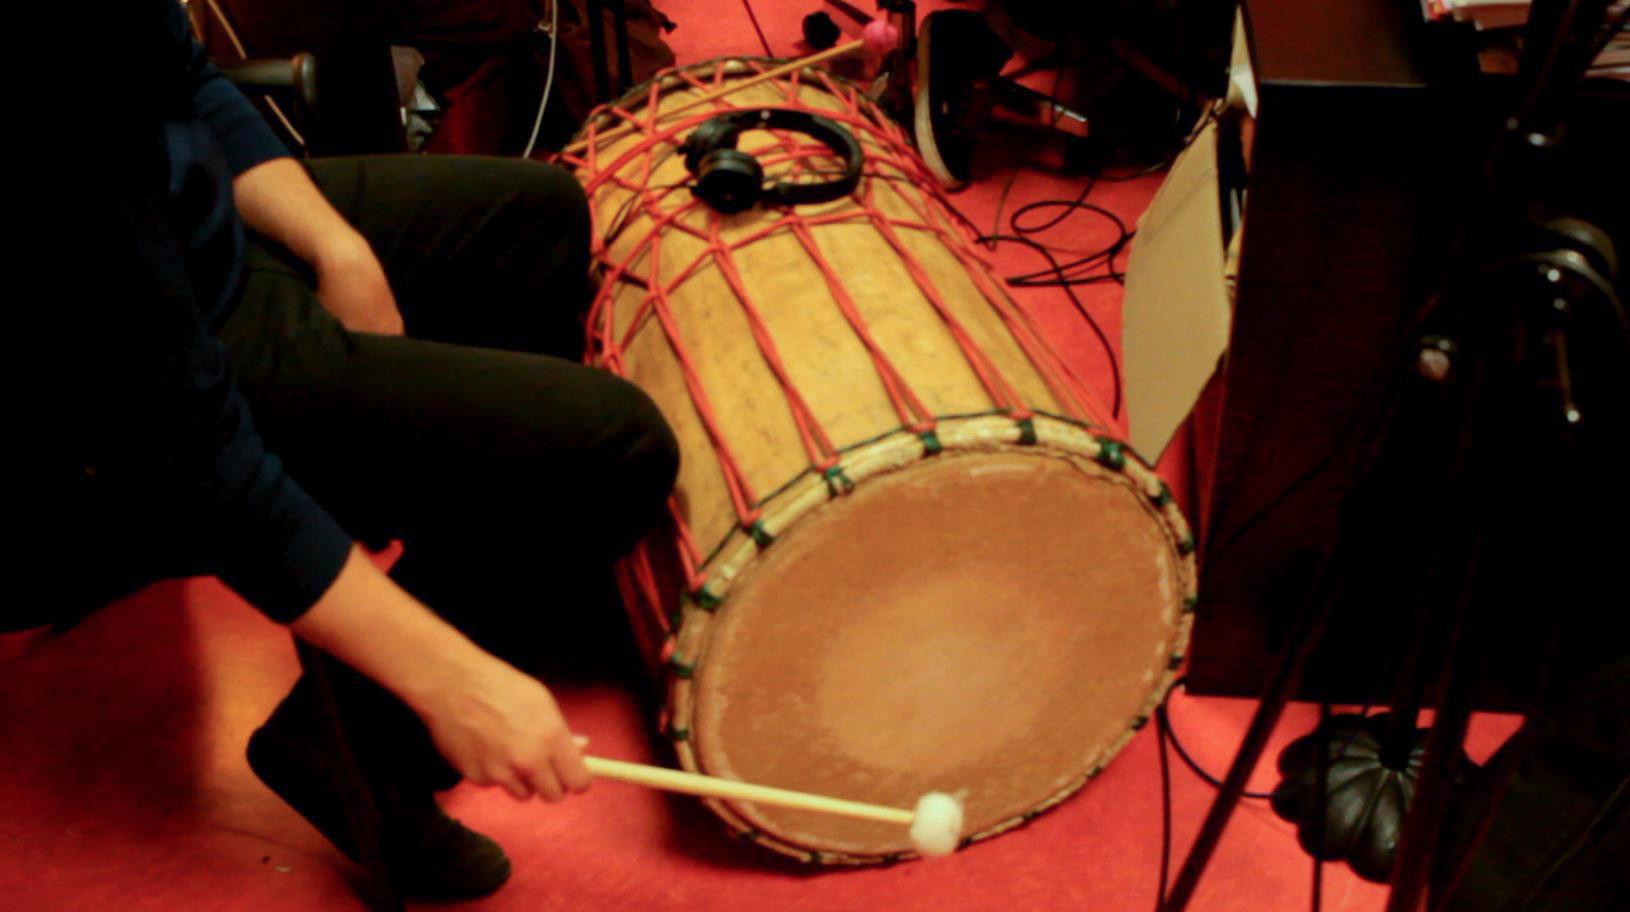 Benoît Duvette, Art Zoyd Studio, Compositeur, Percussions Julien Lahaye, musique de film